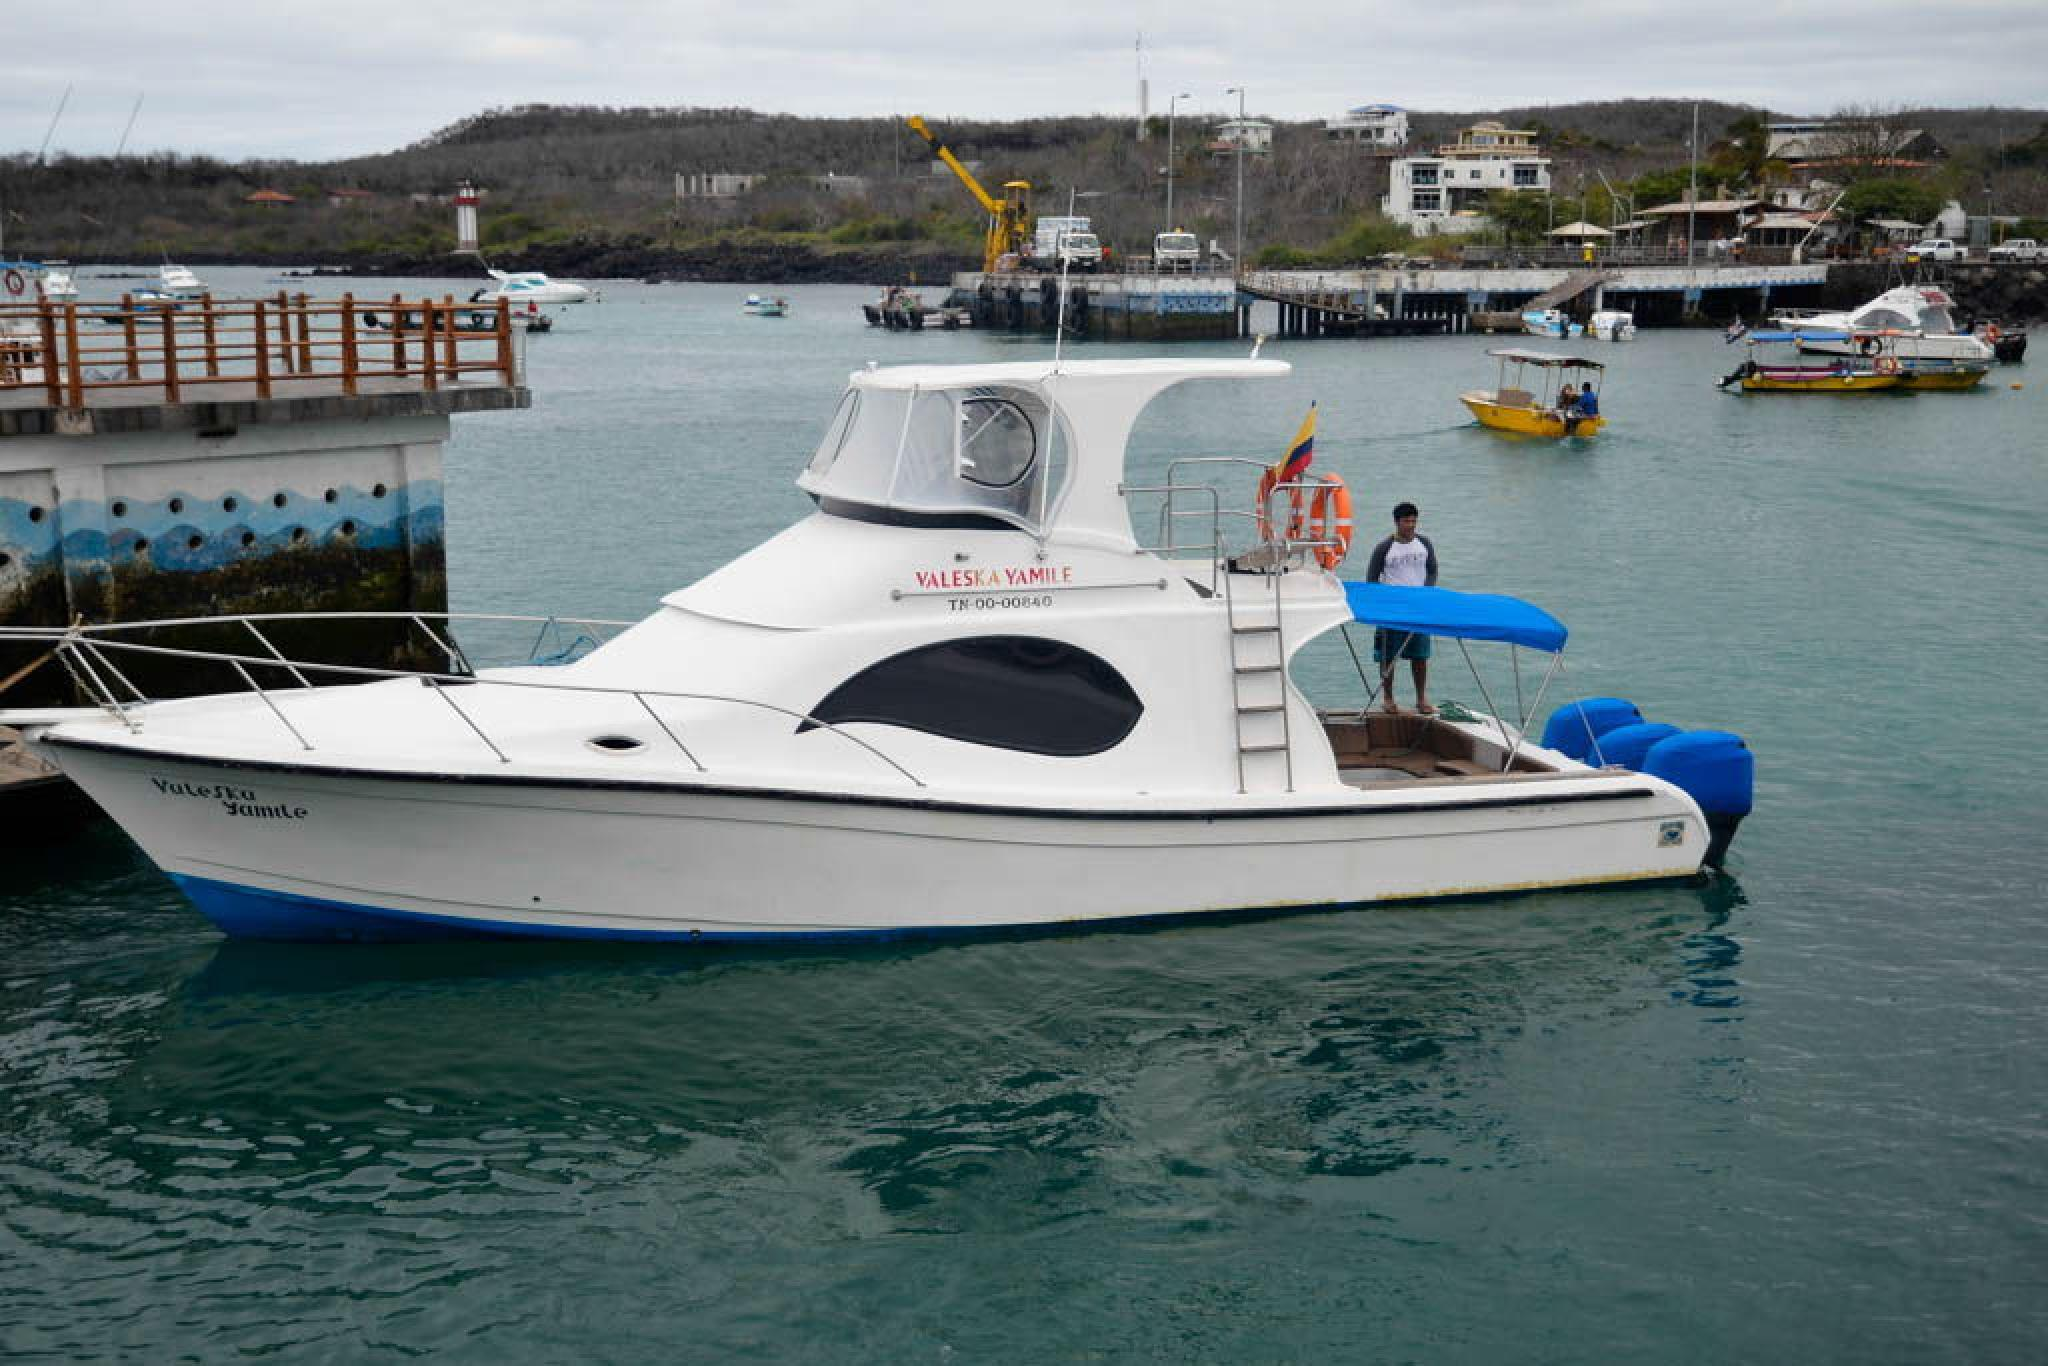 Traslado en barco entre islas desde Santa Cruz